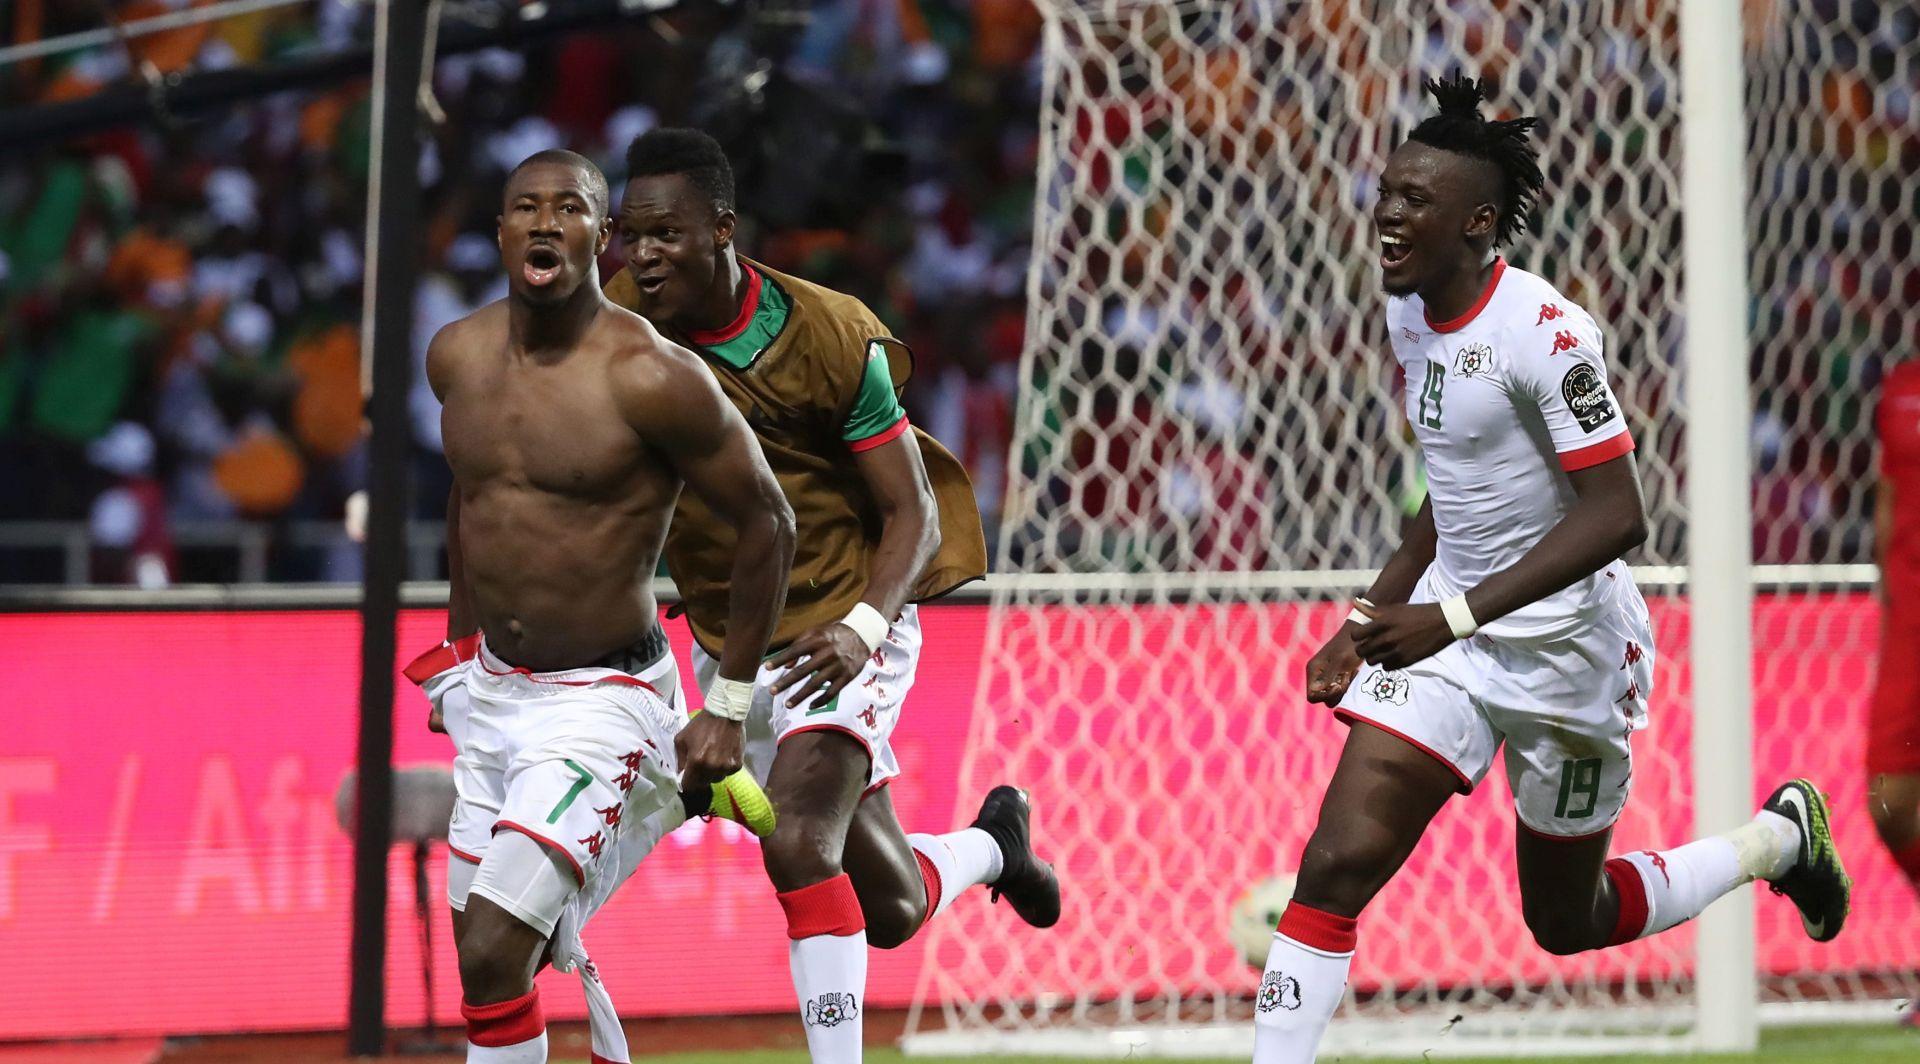 AFRIČKI KUP NACIJA Burkina Faso u polufinalu